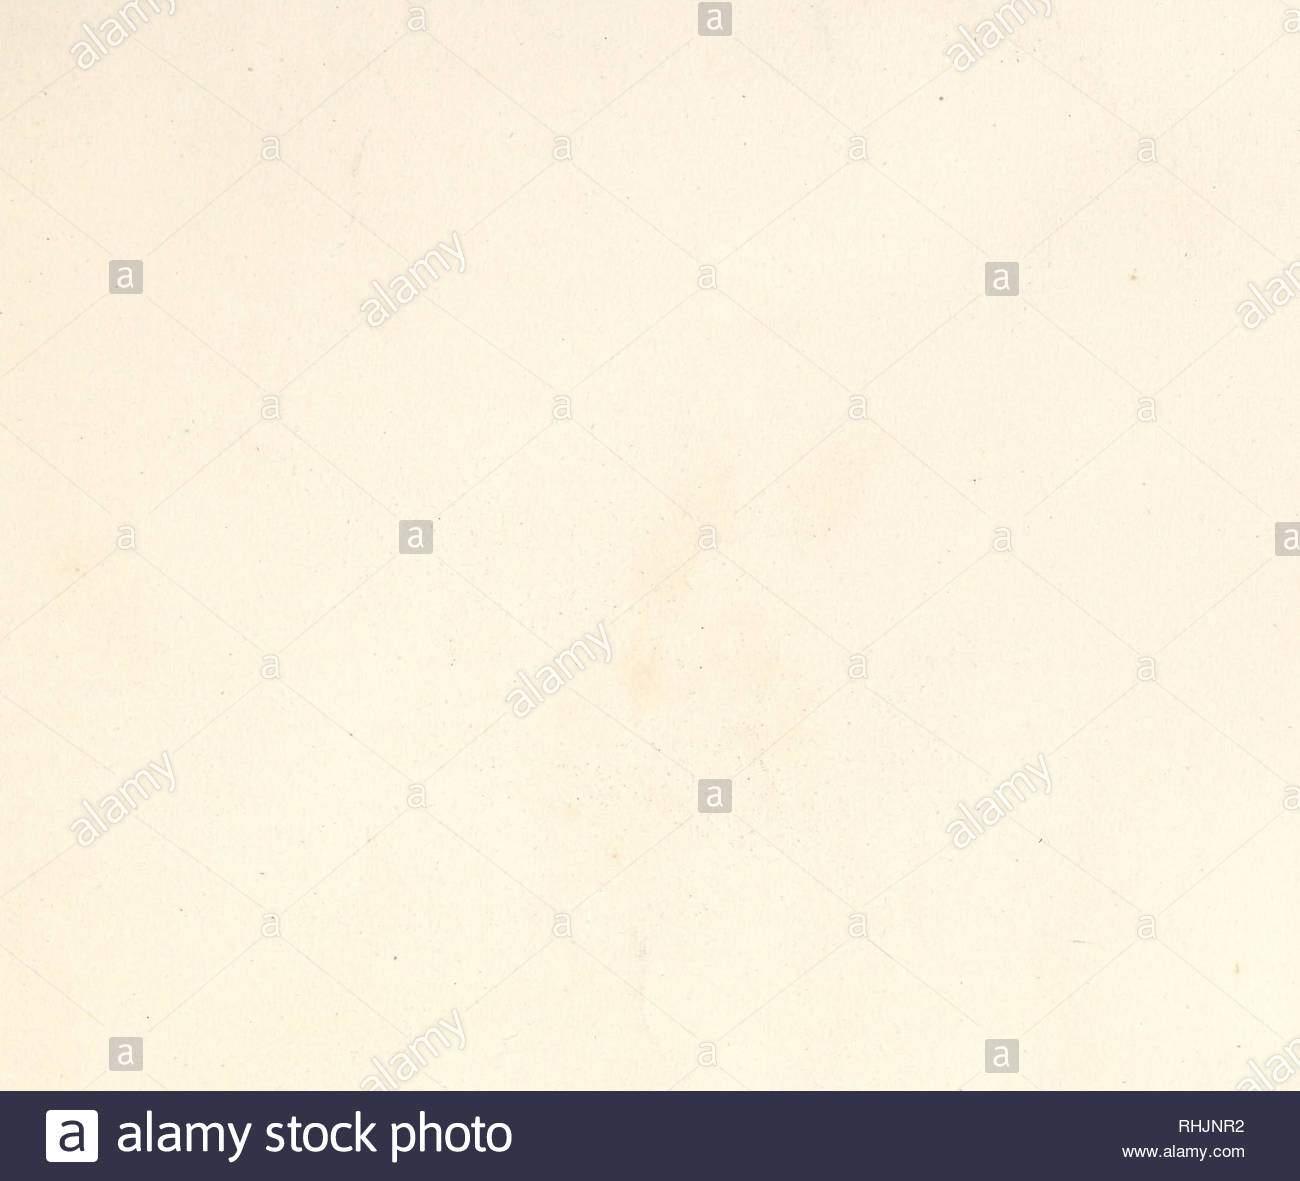 vogel europas bildliche werke vogel lt5 3 itrimtvfrmfrwotfwwamp eru and rwtyj folt and vd meabo pieper antkas prat de sis bachst jivntedsfry o mazamp najriddamp bitte beachten sie dass se bilder sind von der gescannten seite bilder digital fur lesbarkeit verbessert haben mogen farbung und aussehen ser abbildungen konnen nicht perfekt dem original ahneln extrahiert gould john 1804 1881 london gedruckt von r und jetaylor pub durch den autor rhjnr2